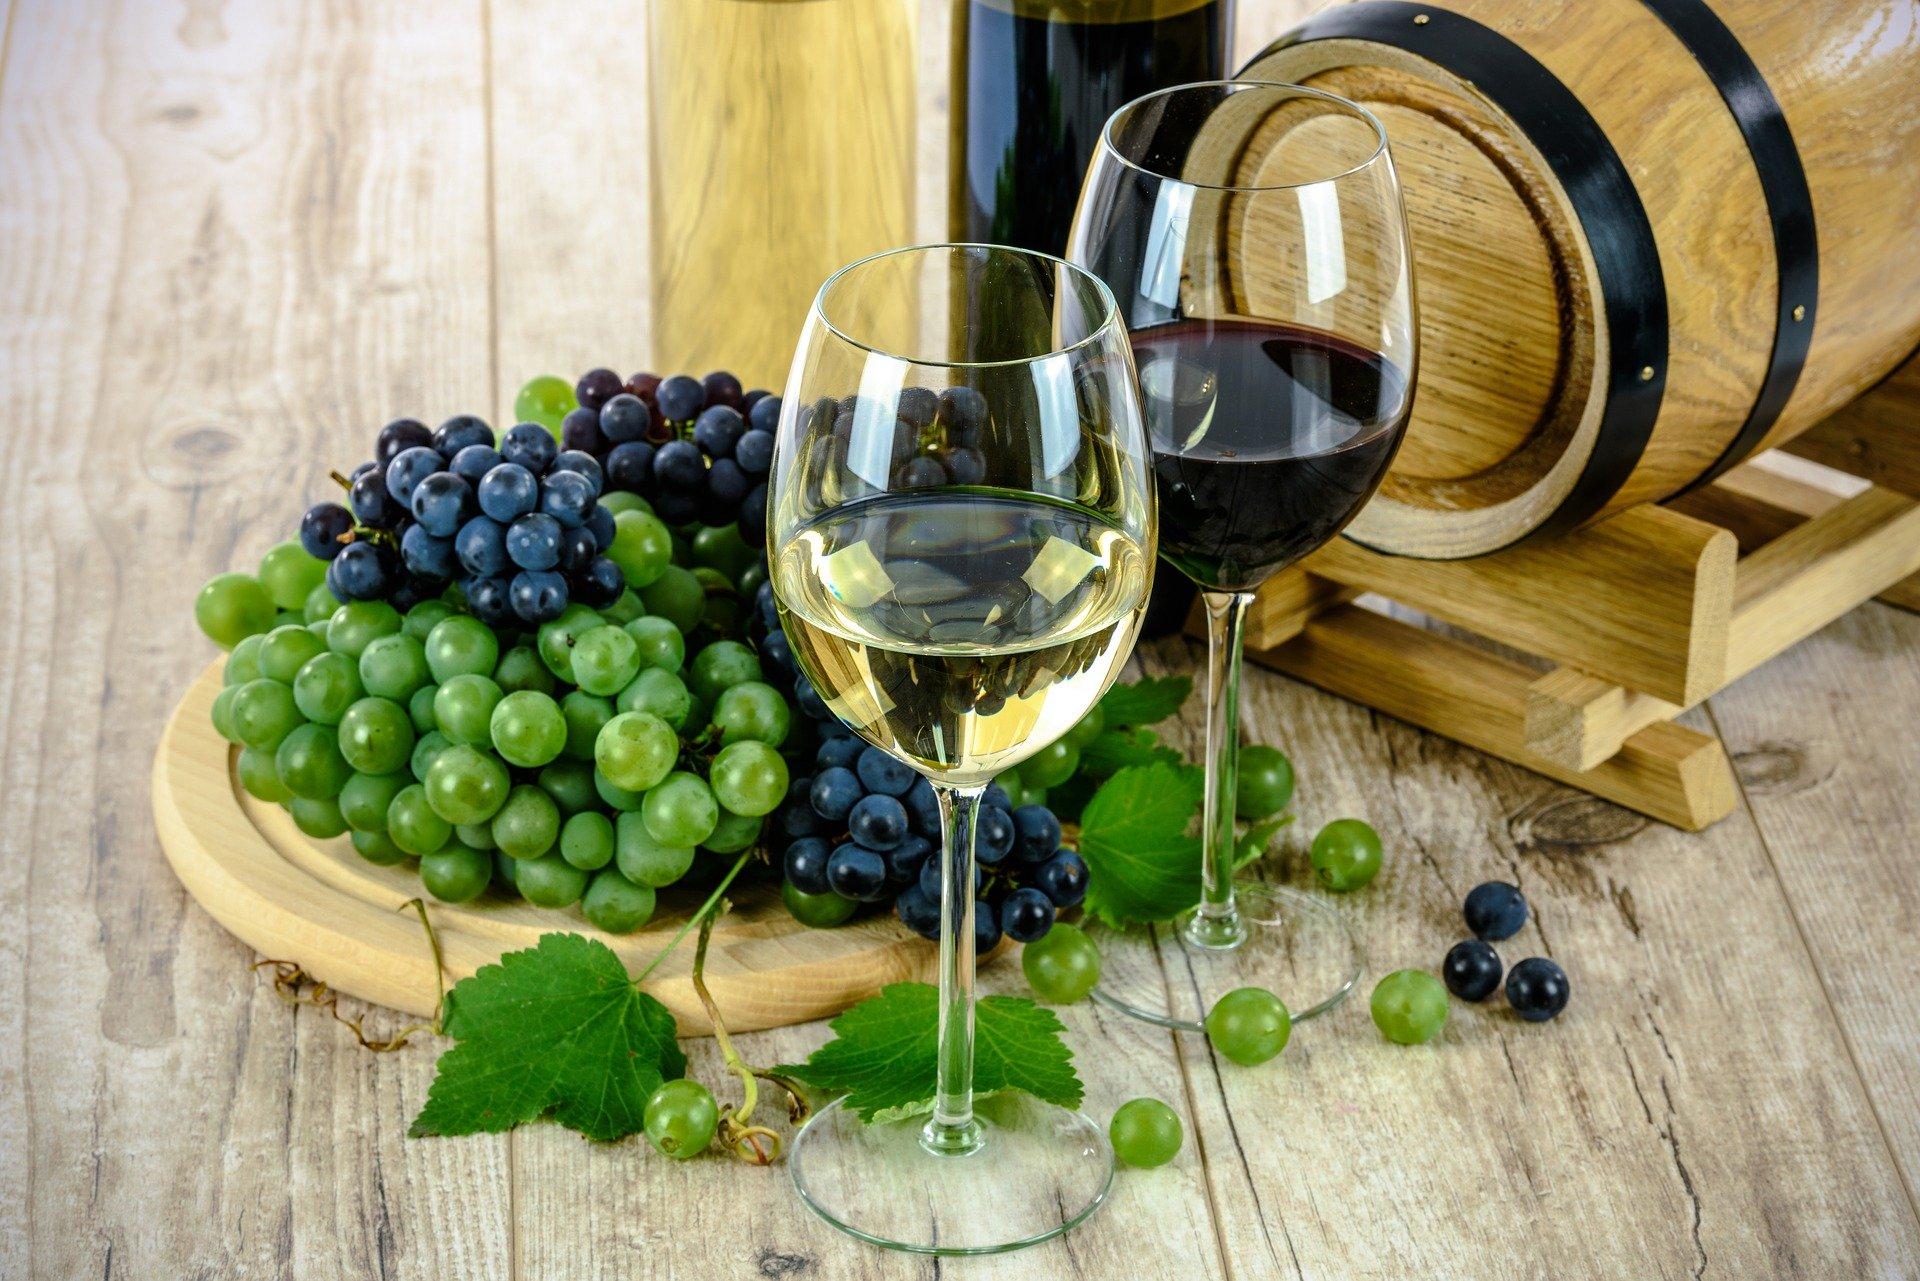 Cycle complet du vin de la vigne aux accords mets et vins